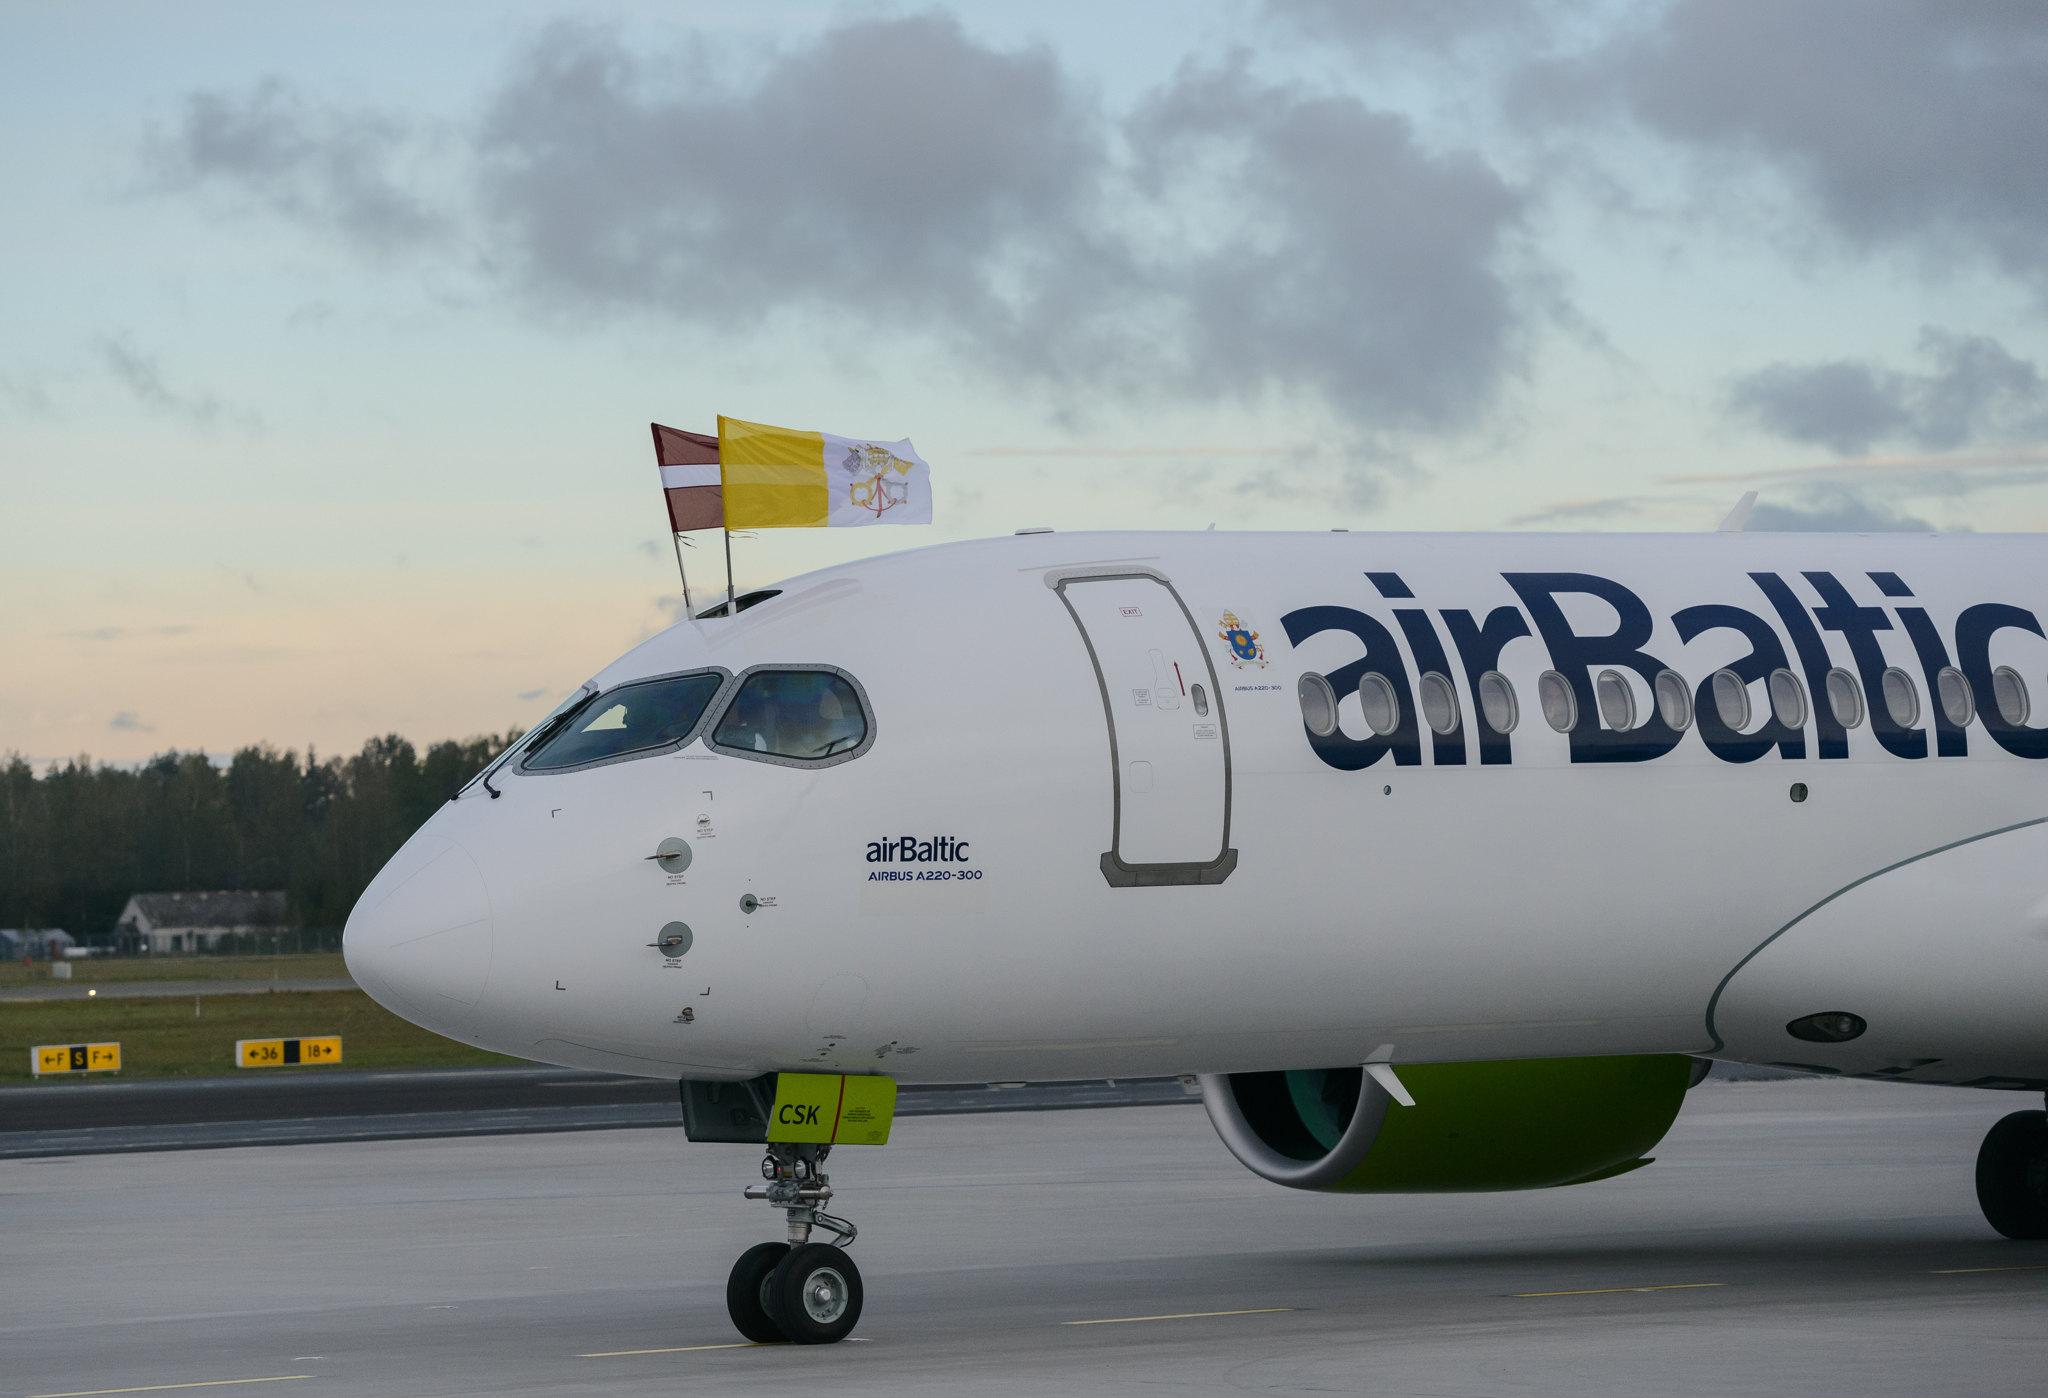 2018_09_24_airBaltic_Pope_Visit_3.jpg